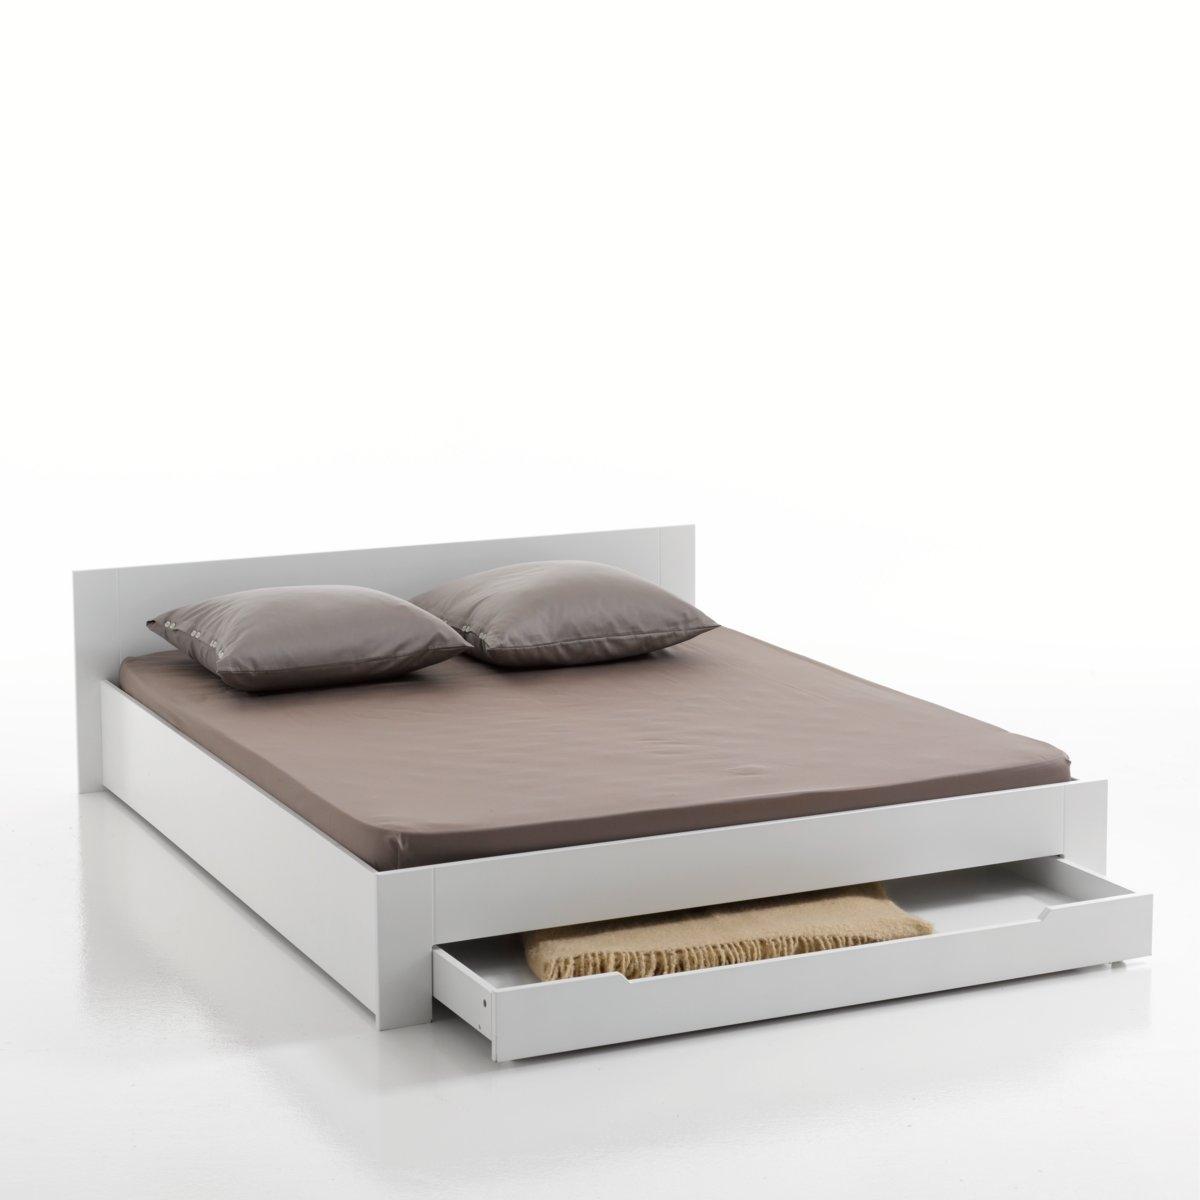 Кровать La Redoute -х местная с кроватным основанием и ящиком Crawley 140 x 190 см белый